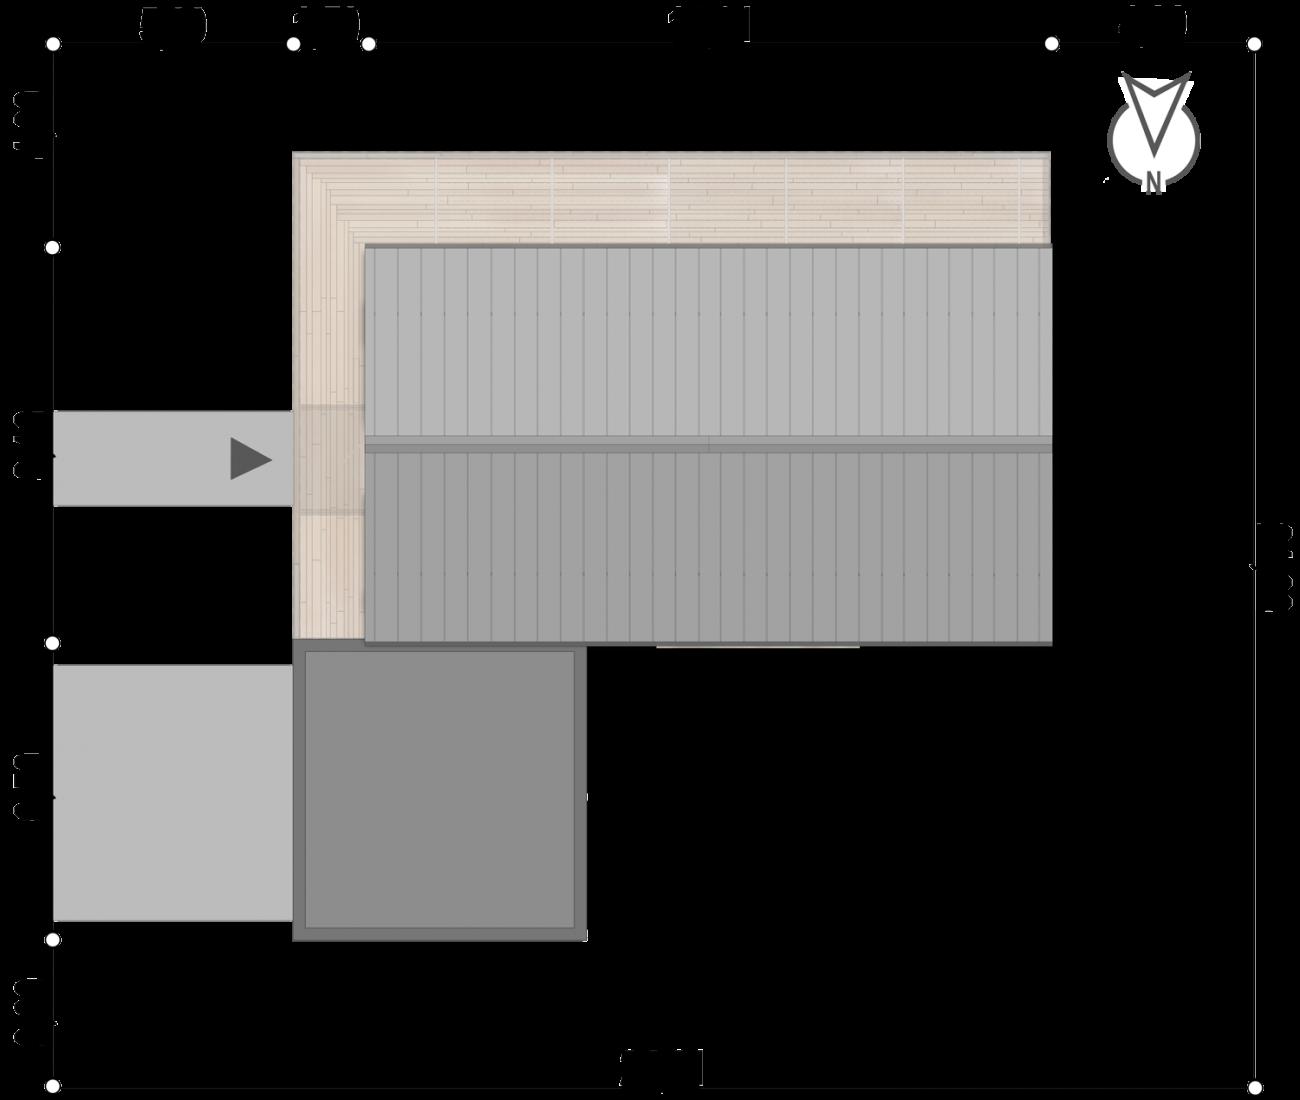 HG_09-działka-new